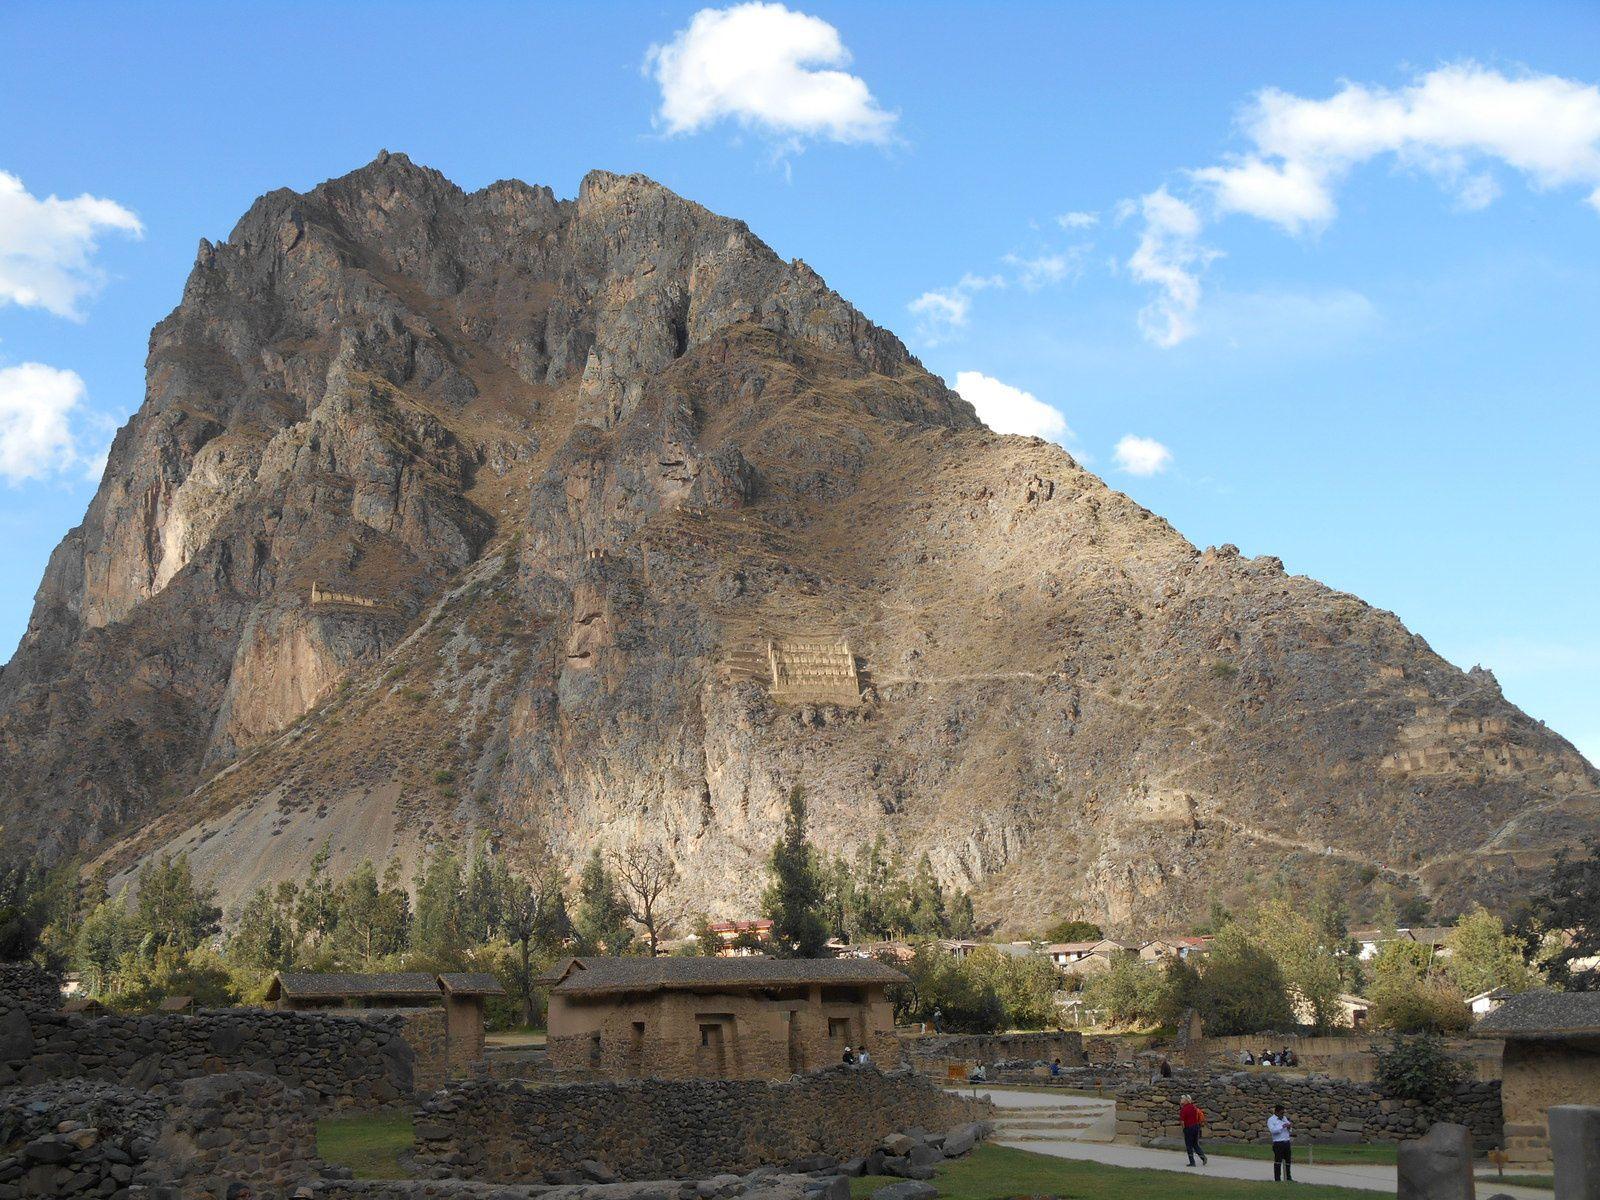 Sur les flancs de cet éperon rocheux, un poste d'observation militaire et des silos...